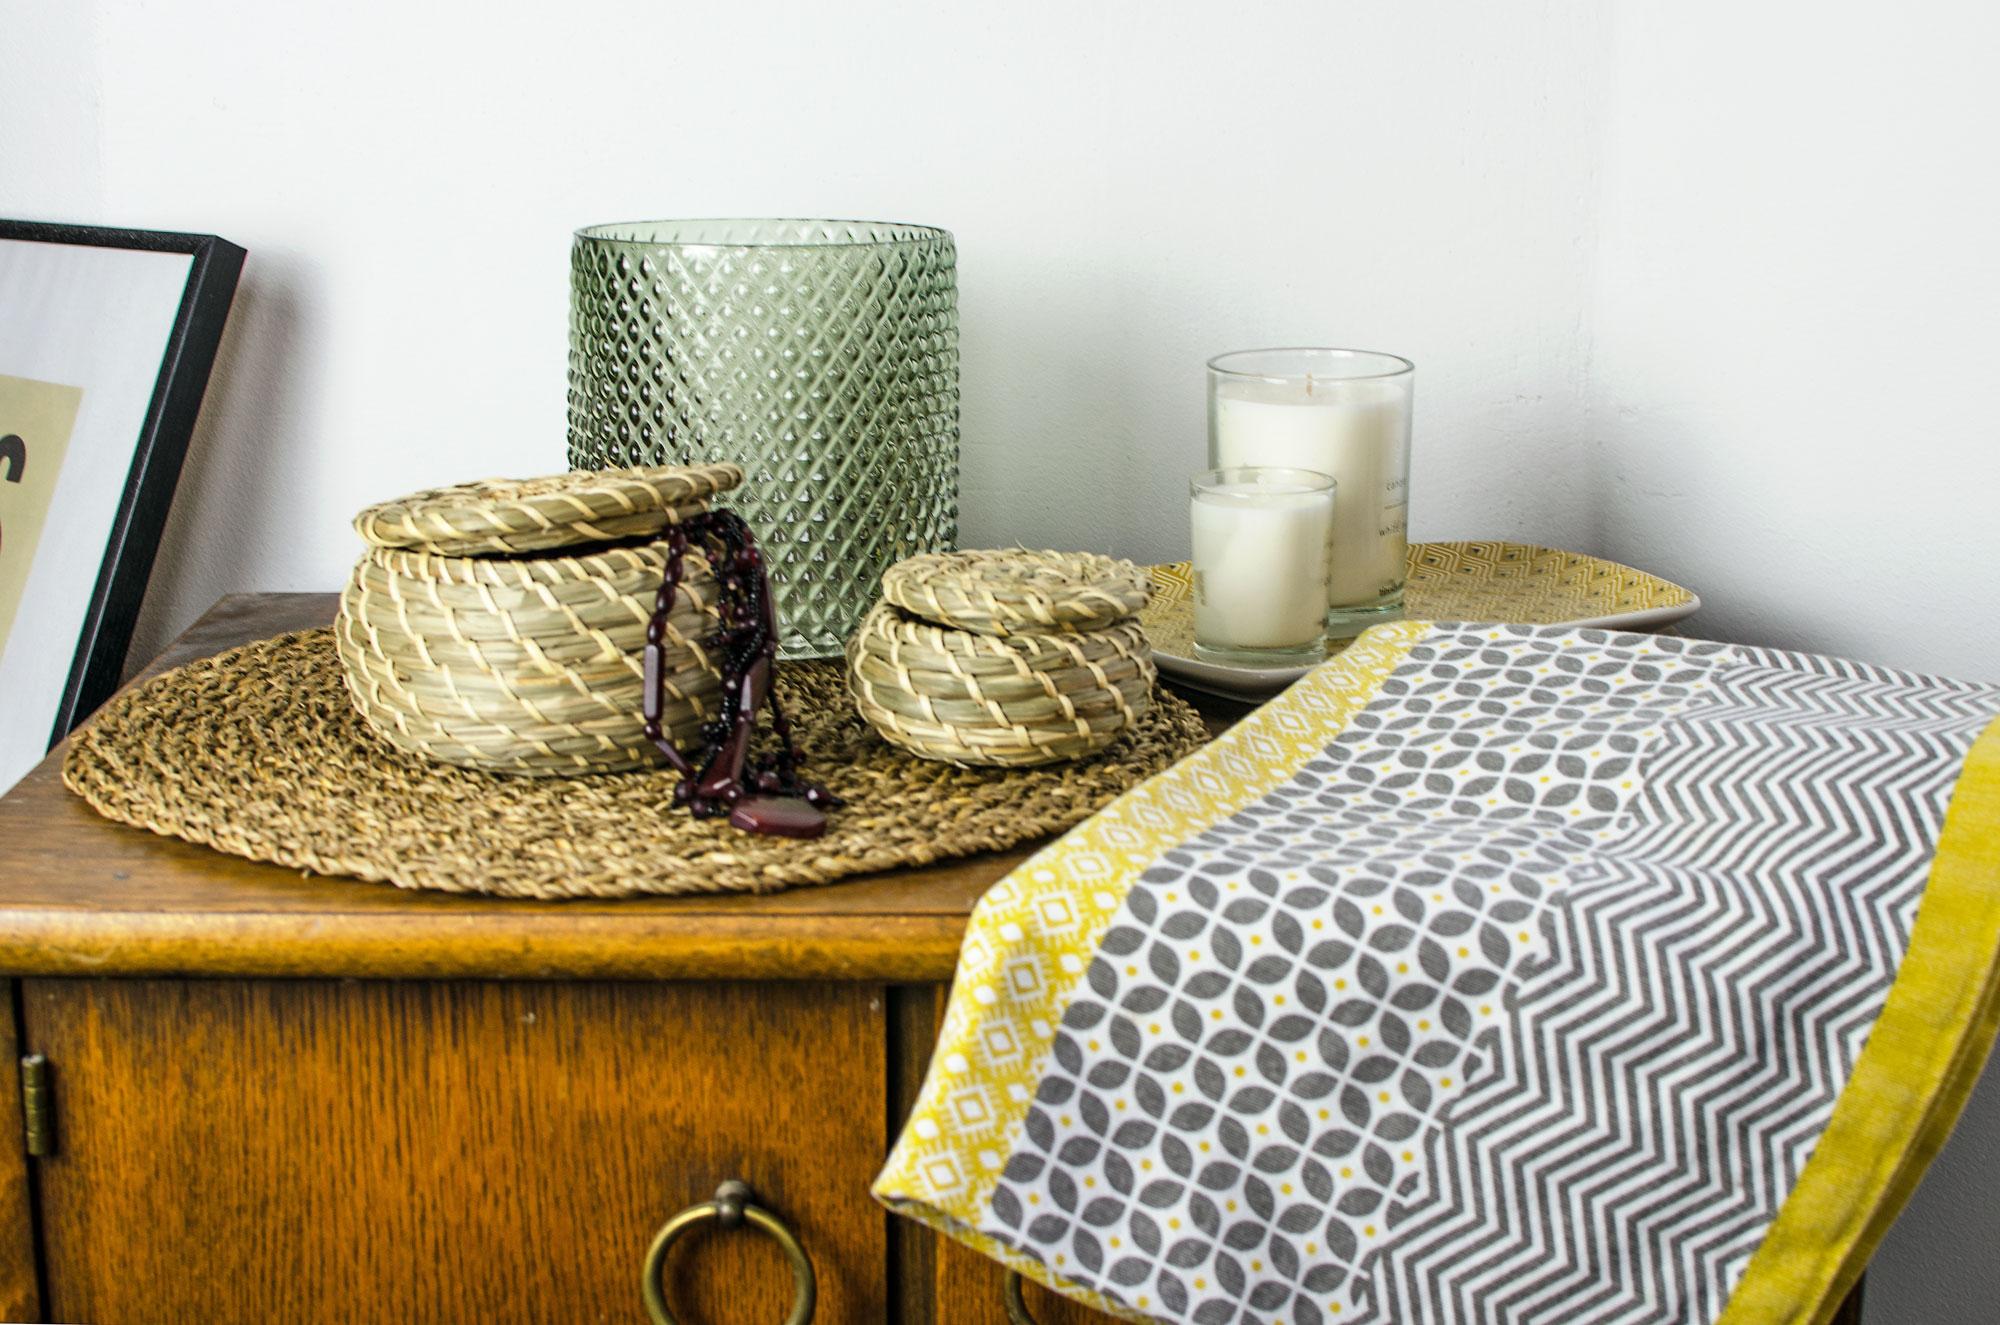 deko m bel shop sweet home decor interior. Black Bedroom Furniture Sets. Home Design Ideas